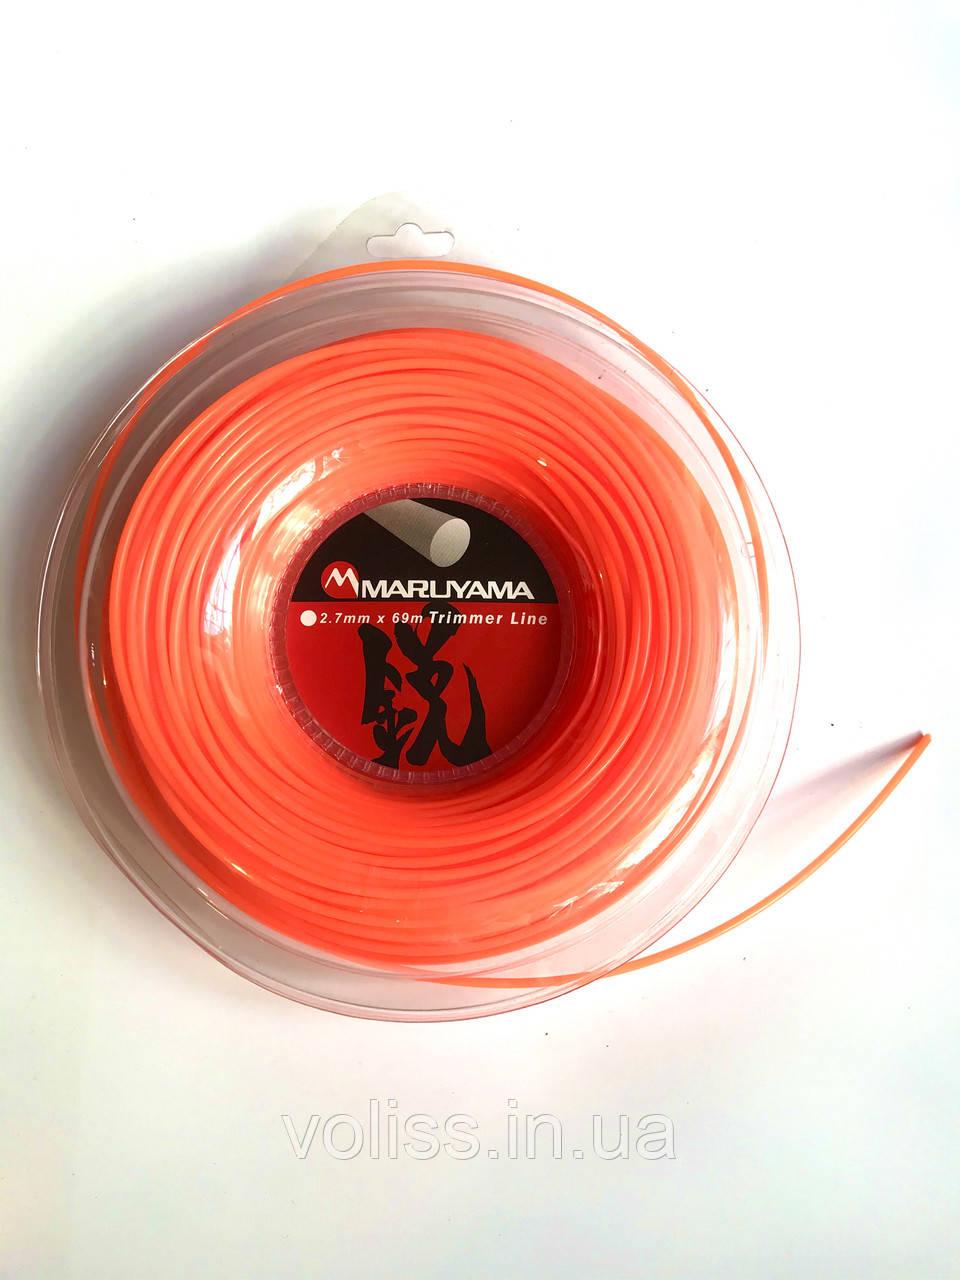 Косильная леска (корд) круглая Maruyama 2,7мм х 69м